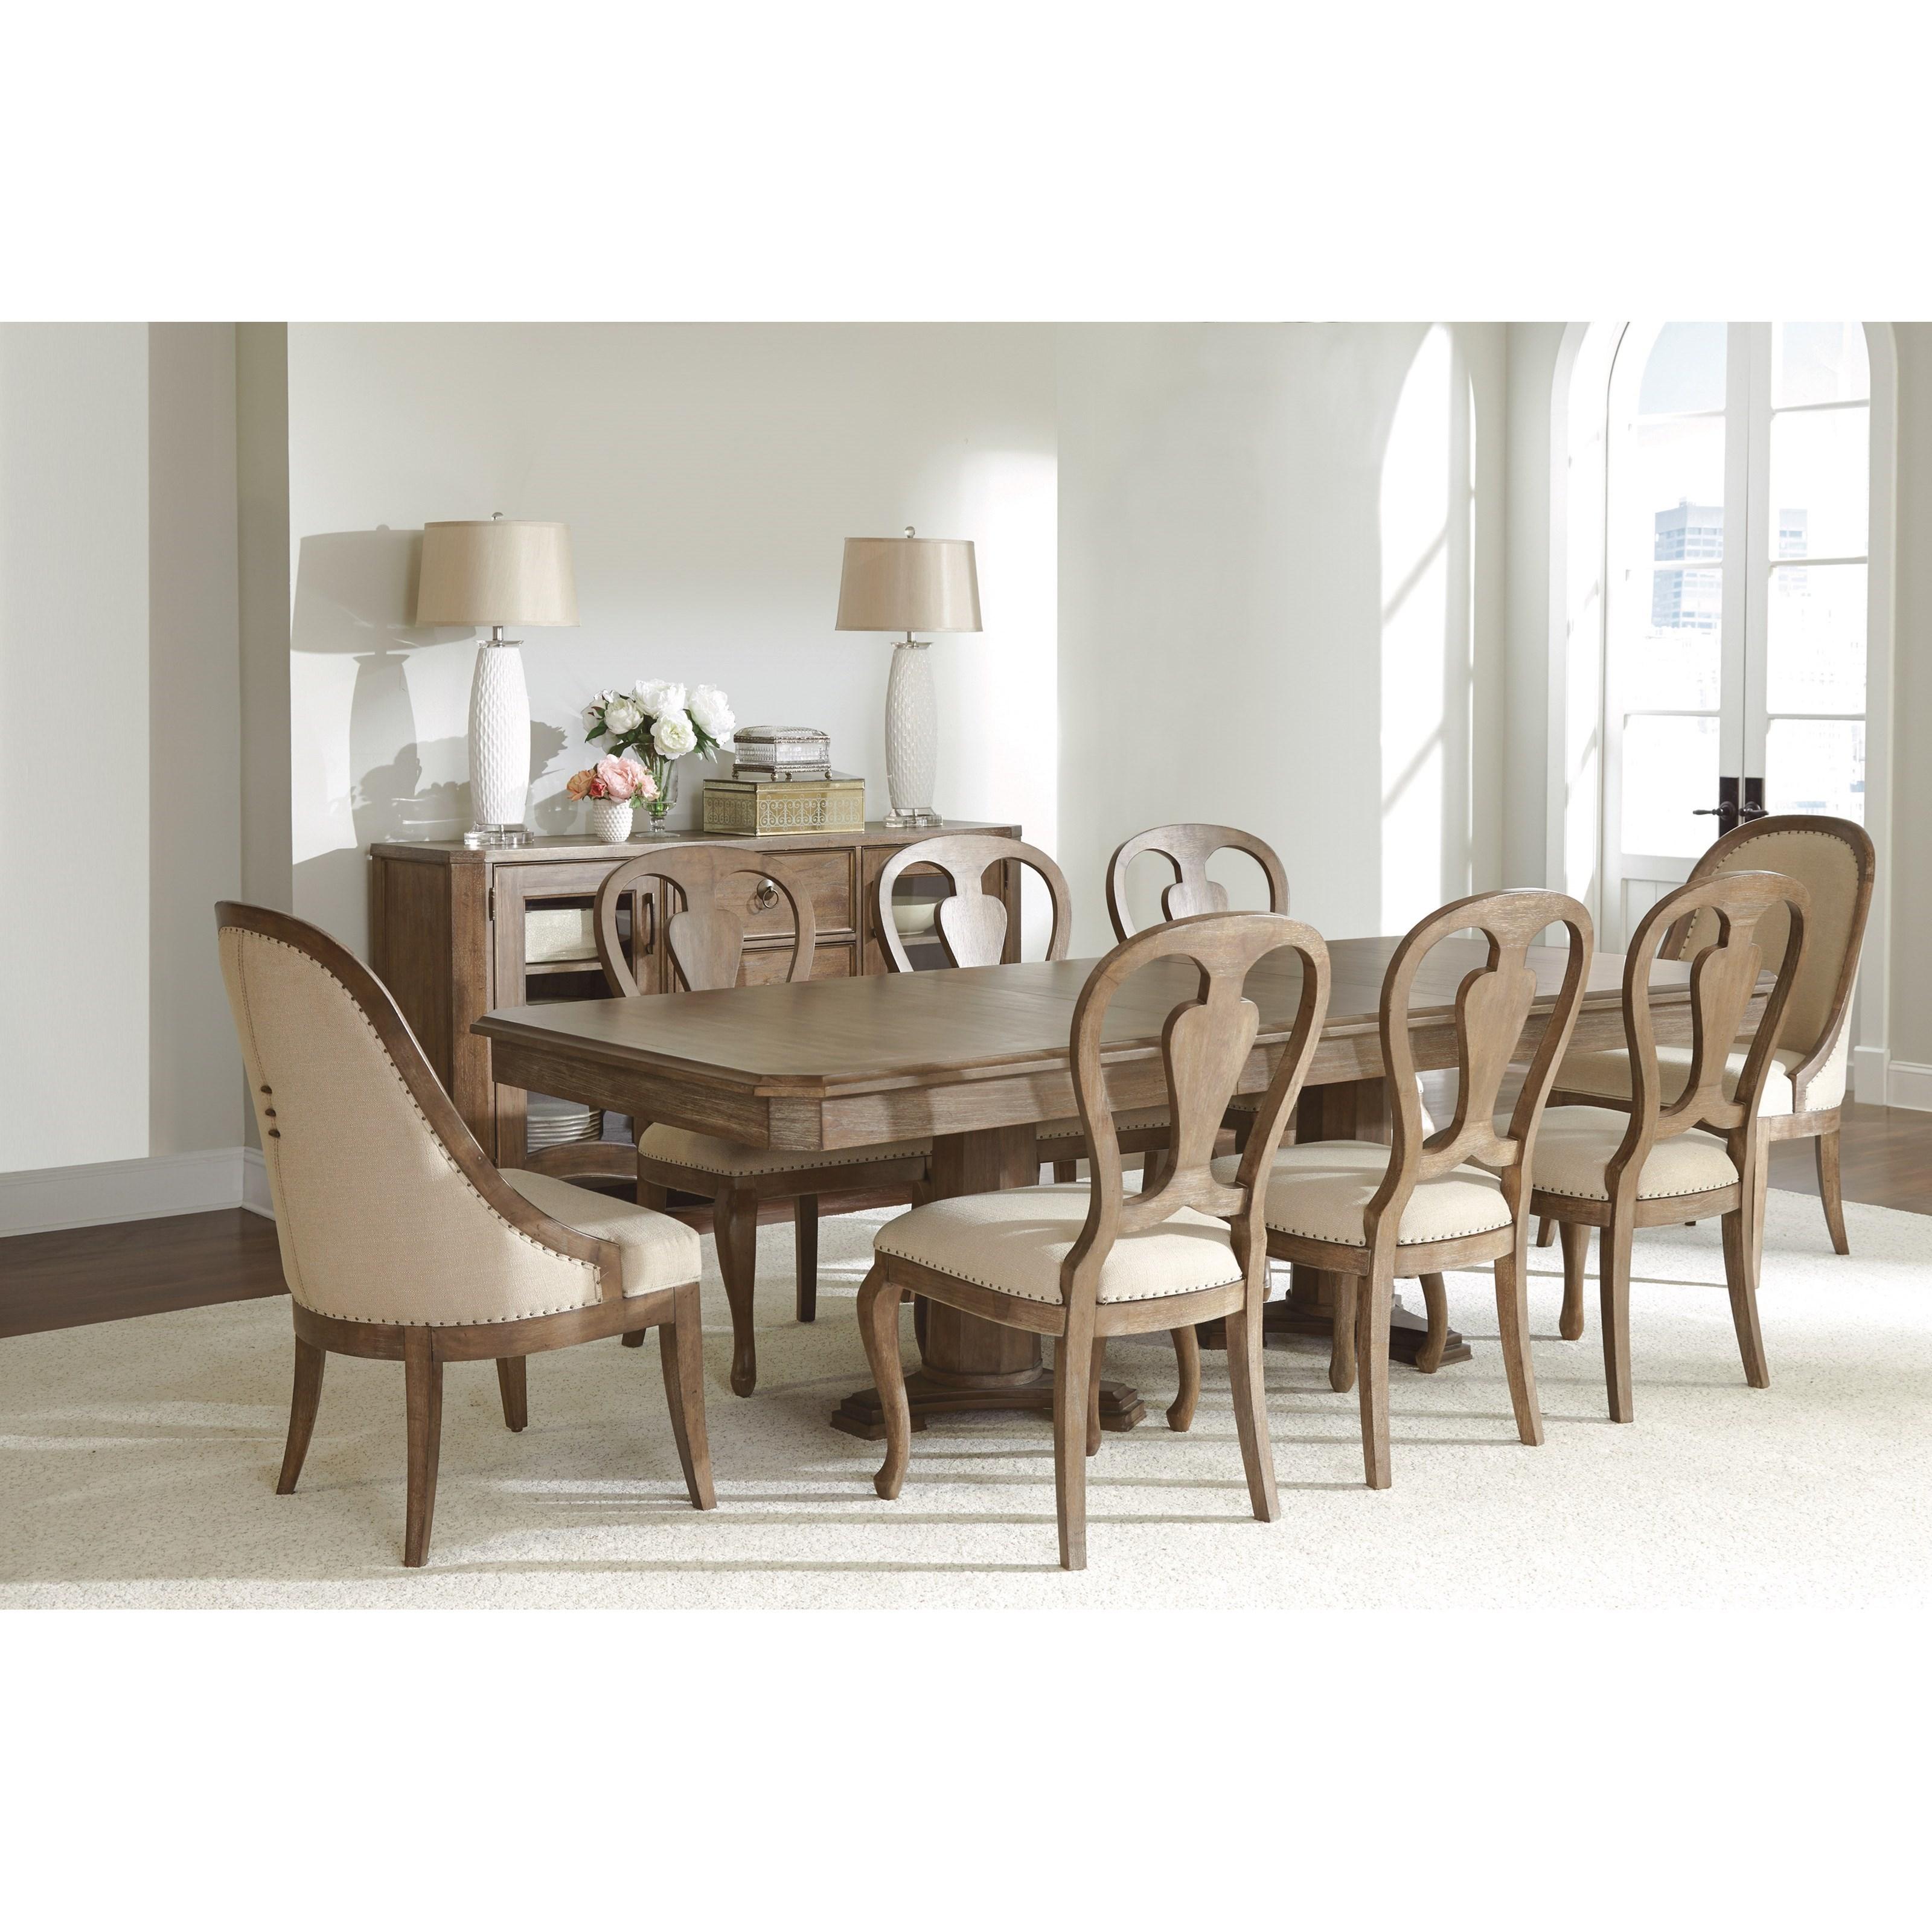 Riverside Furniture Somerset Lane Formal Dining Room Group | Dunk ...